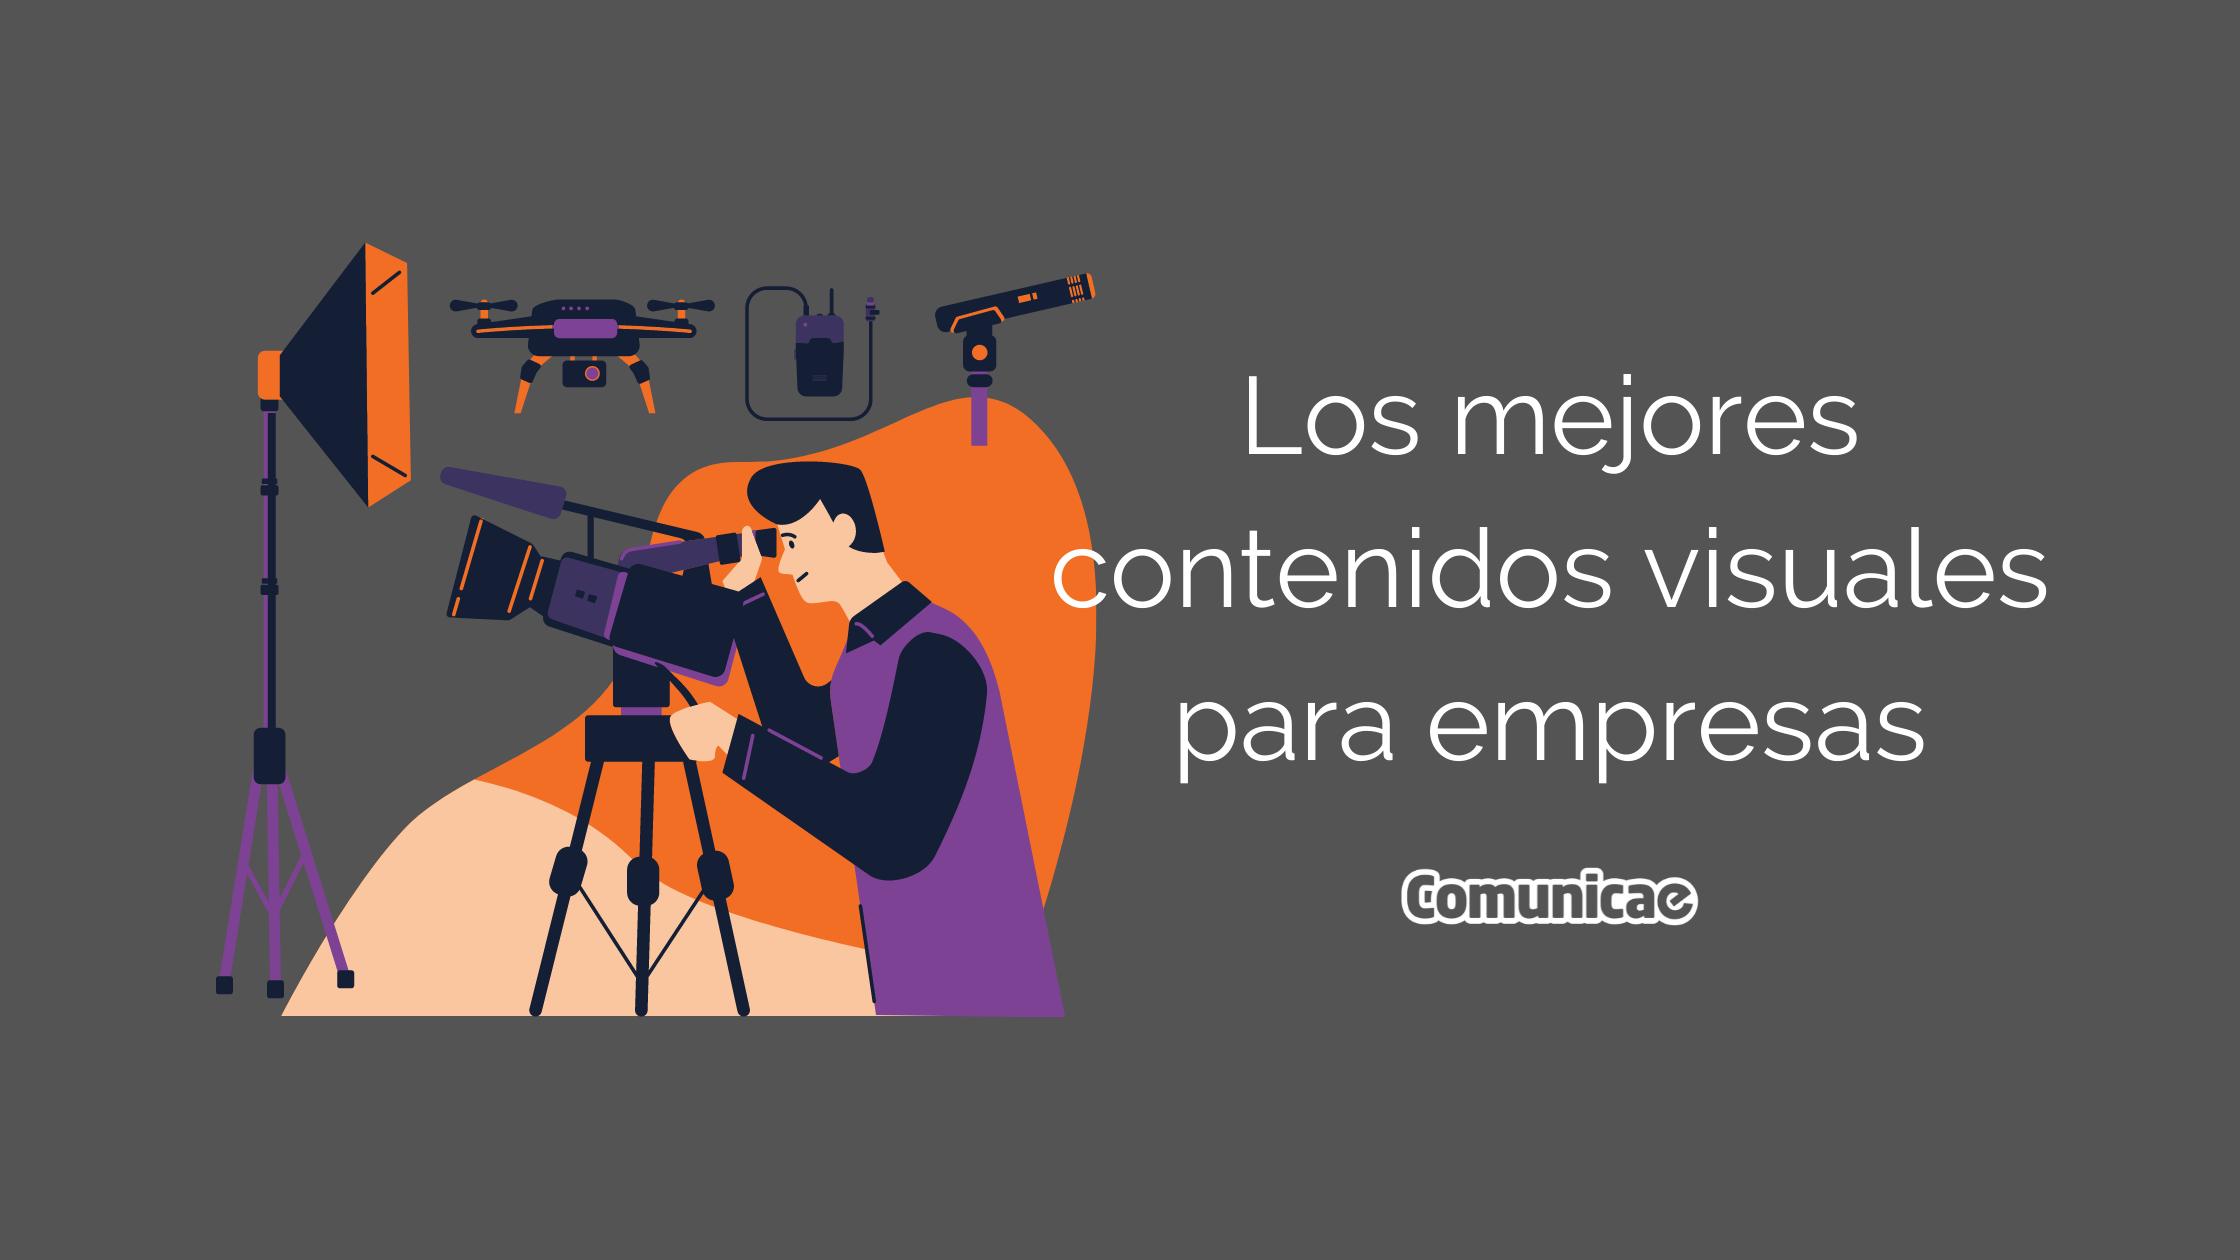 Los mejores contenidos visuales para la comunicación de empresa